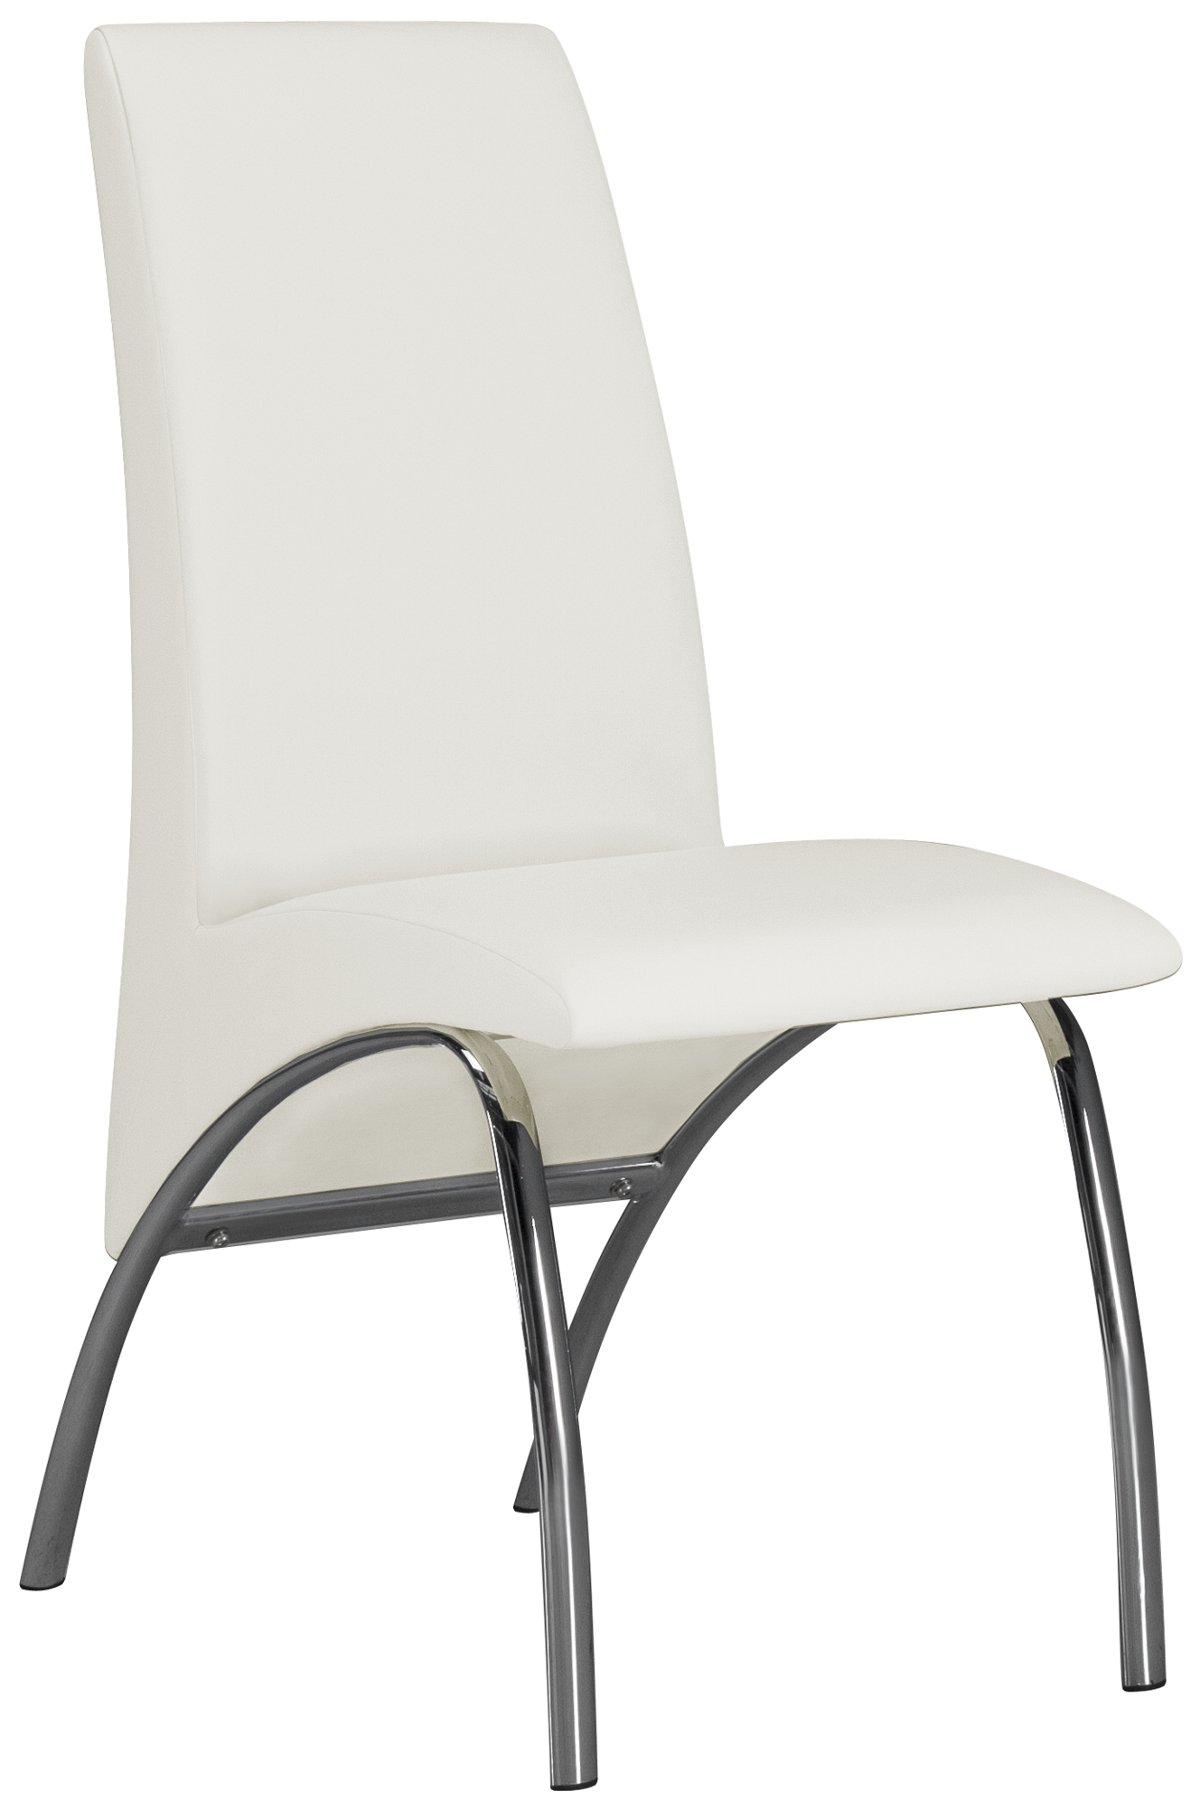 Mensa White Upholstered Side Chair